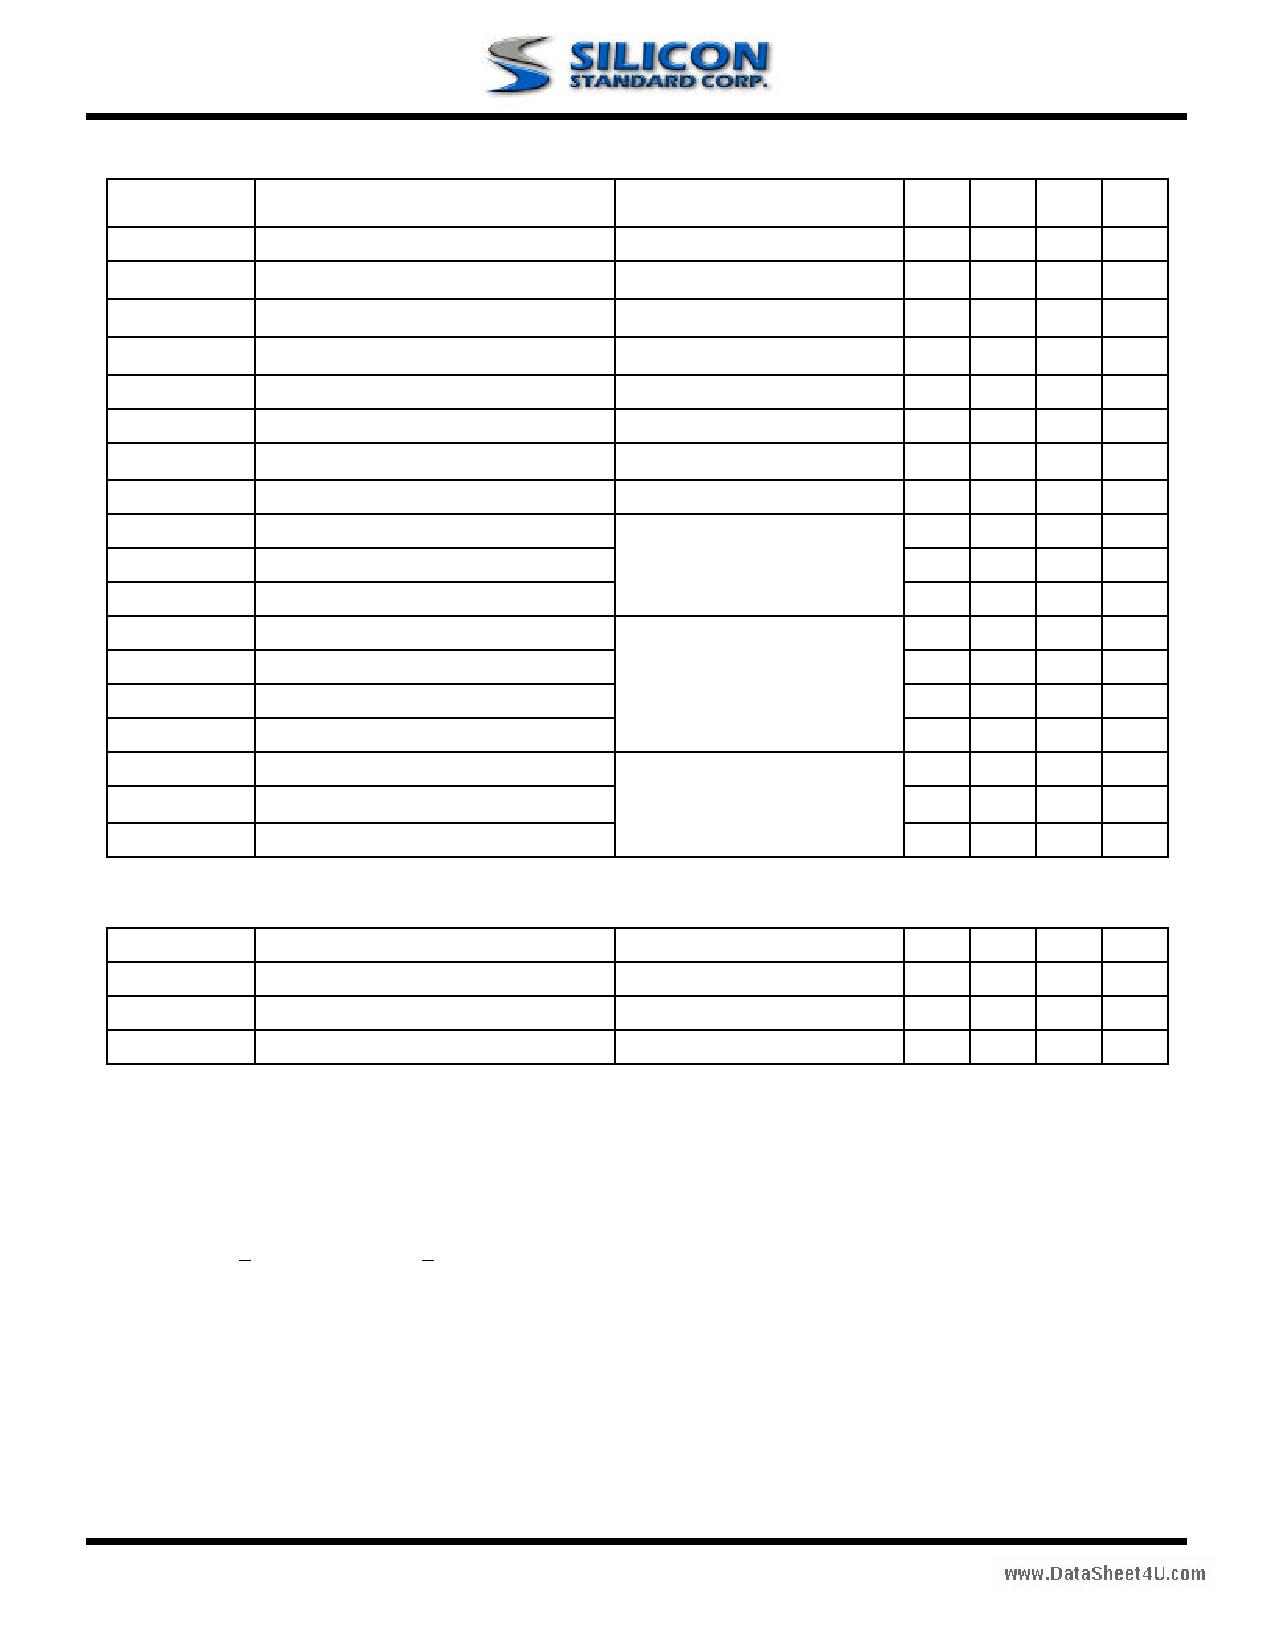 02N60P pdf pinout